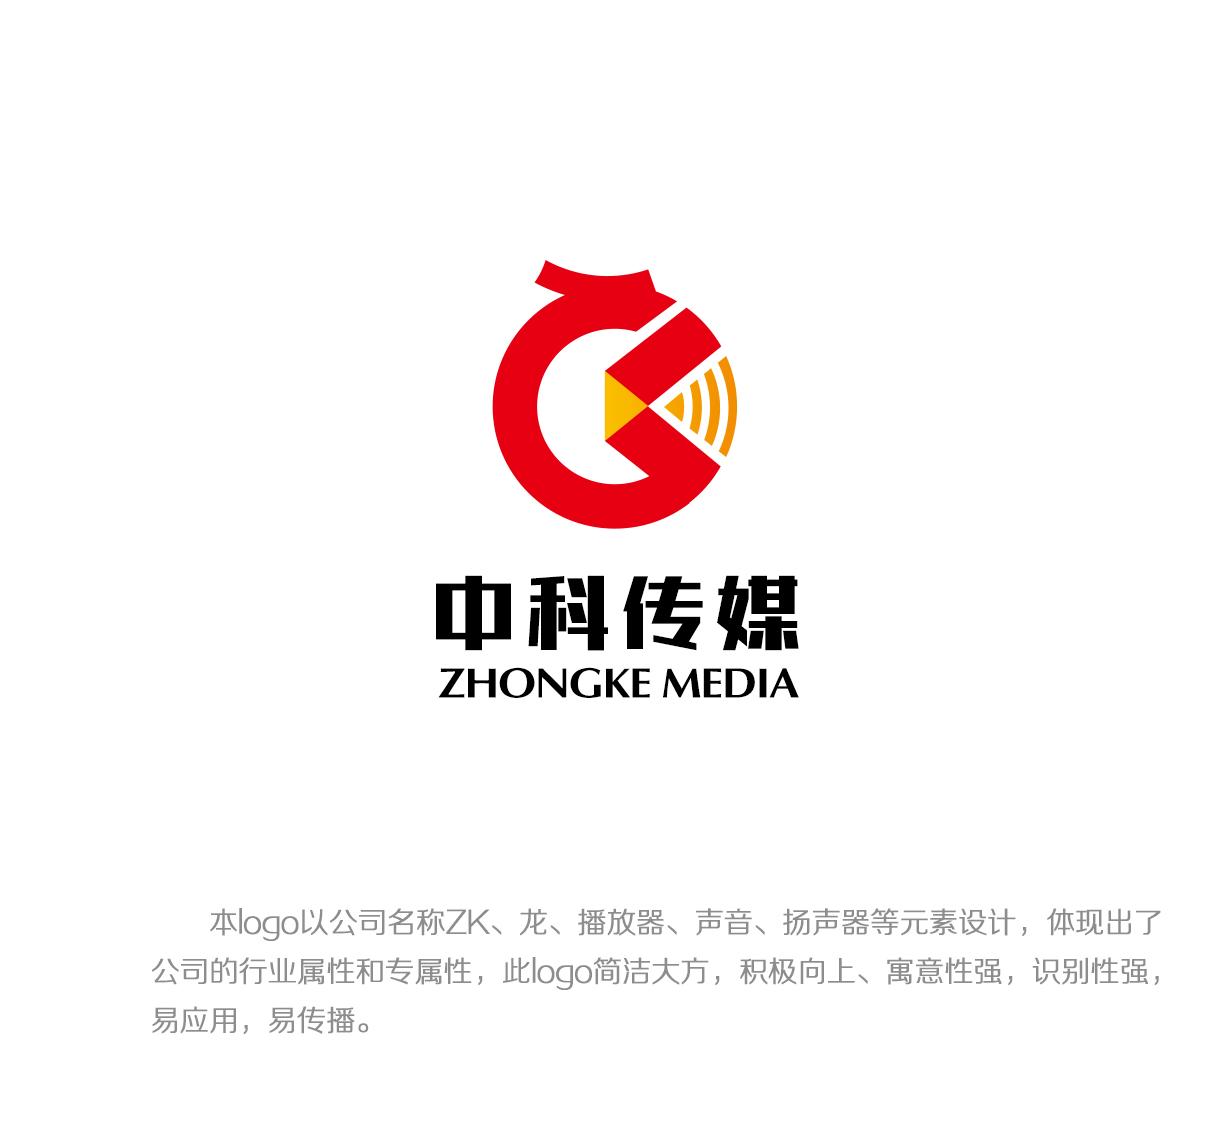 中英文LOGO 设计_3025696_k68威客网